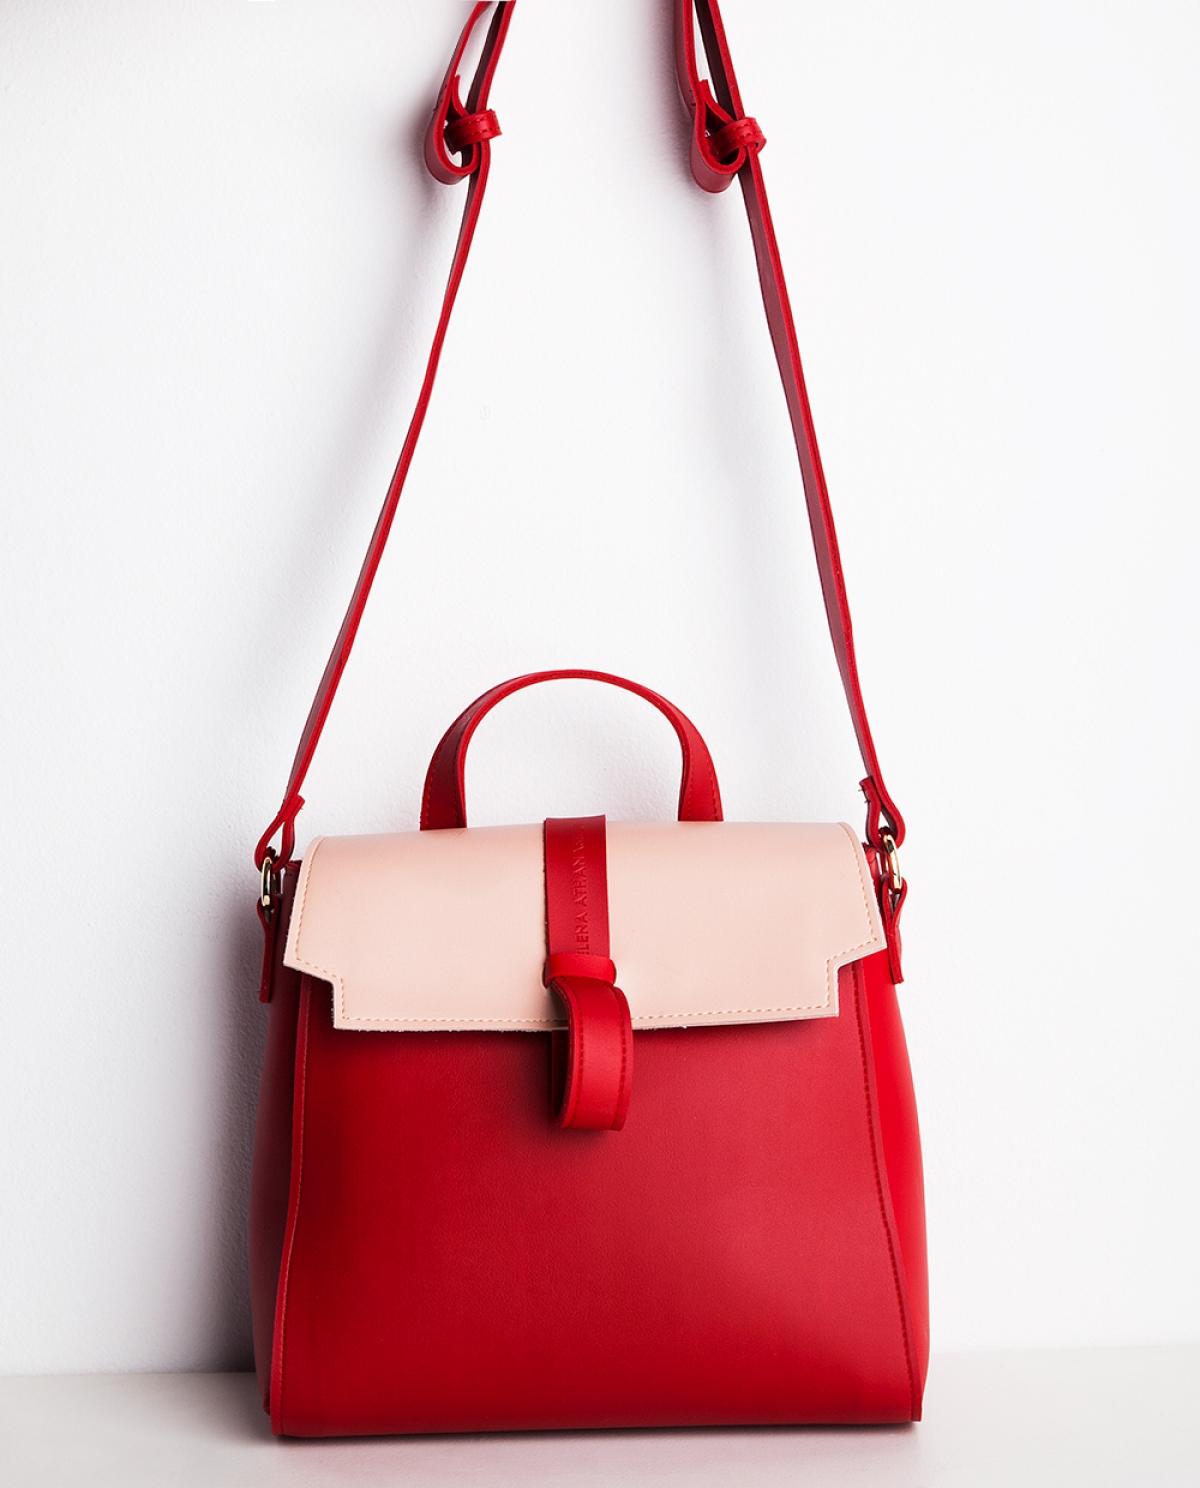 Ballerina Leather Shoulder Bag